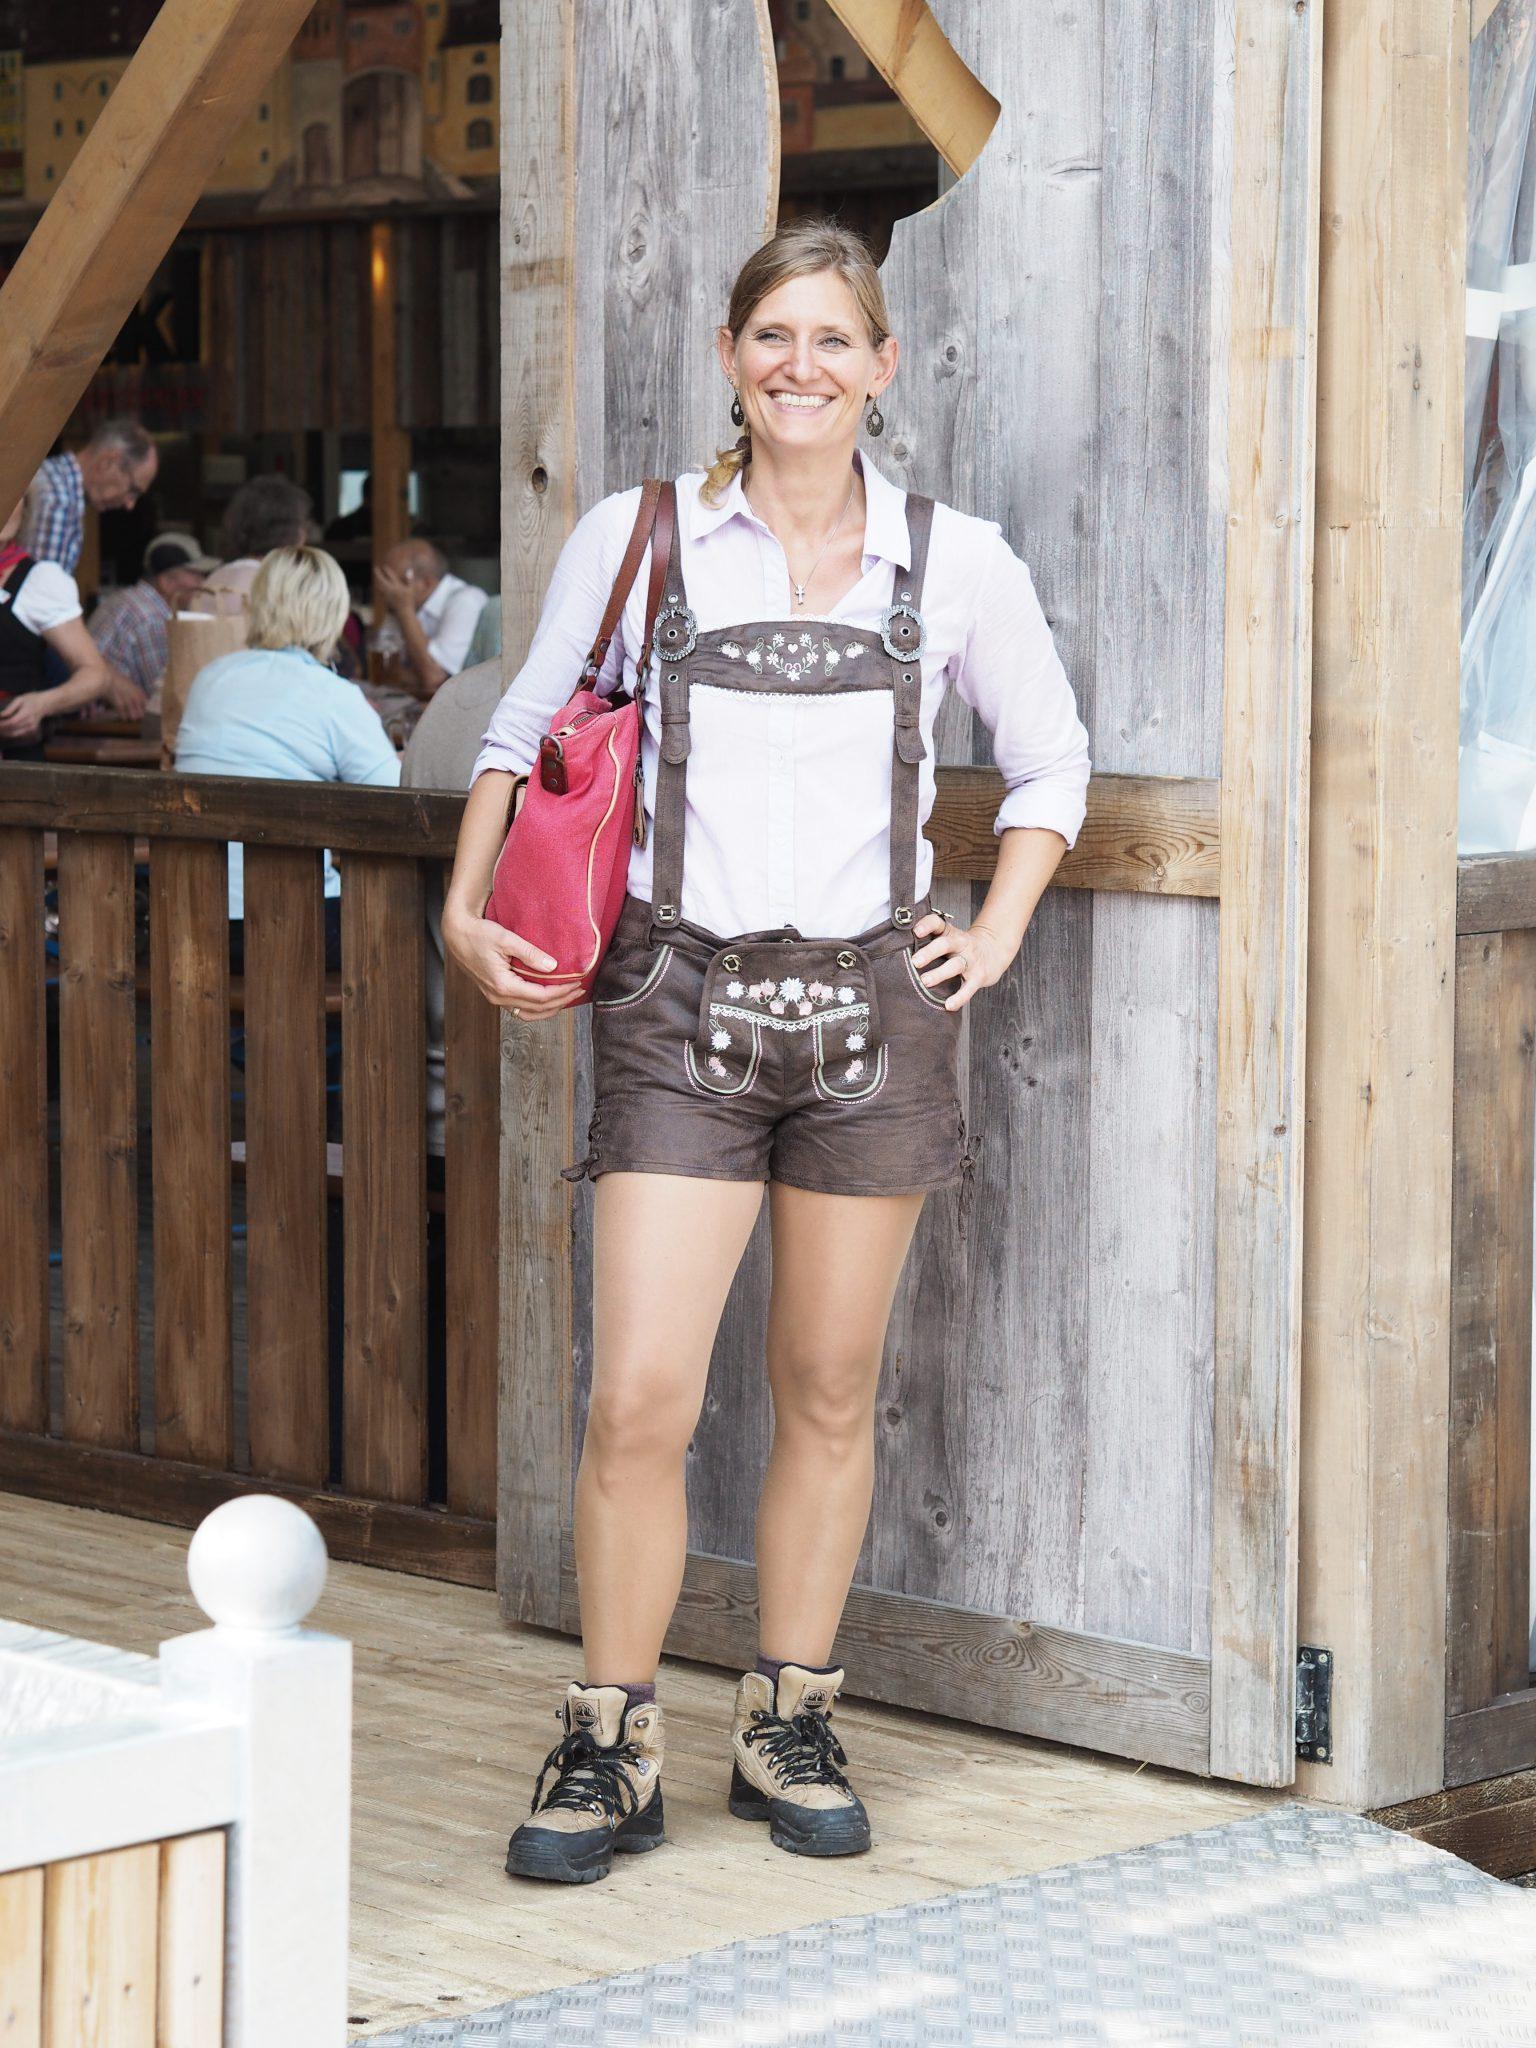 Frau in Lederhose auf der Regensburger Dult